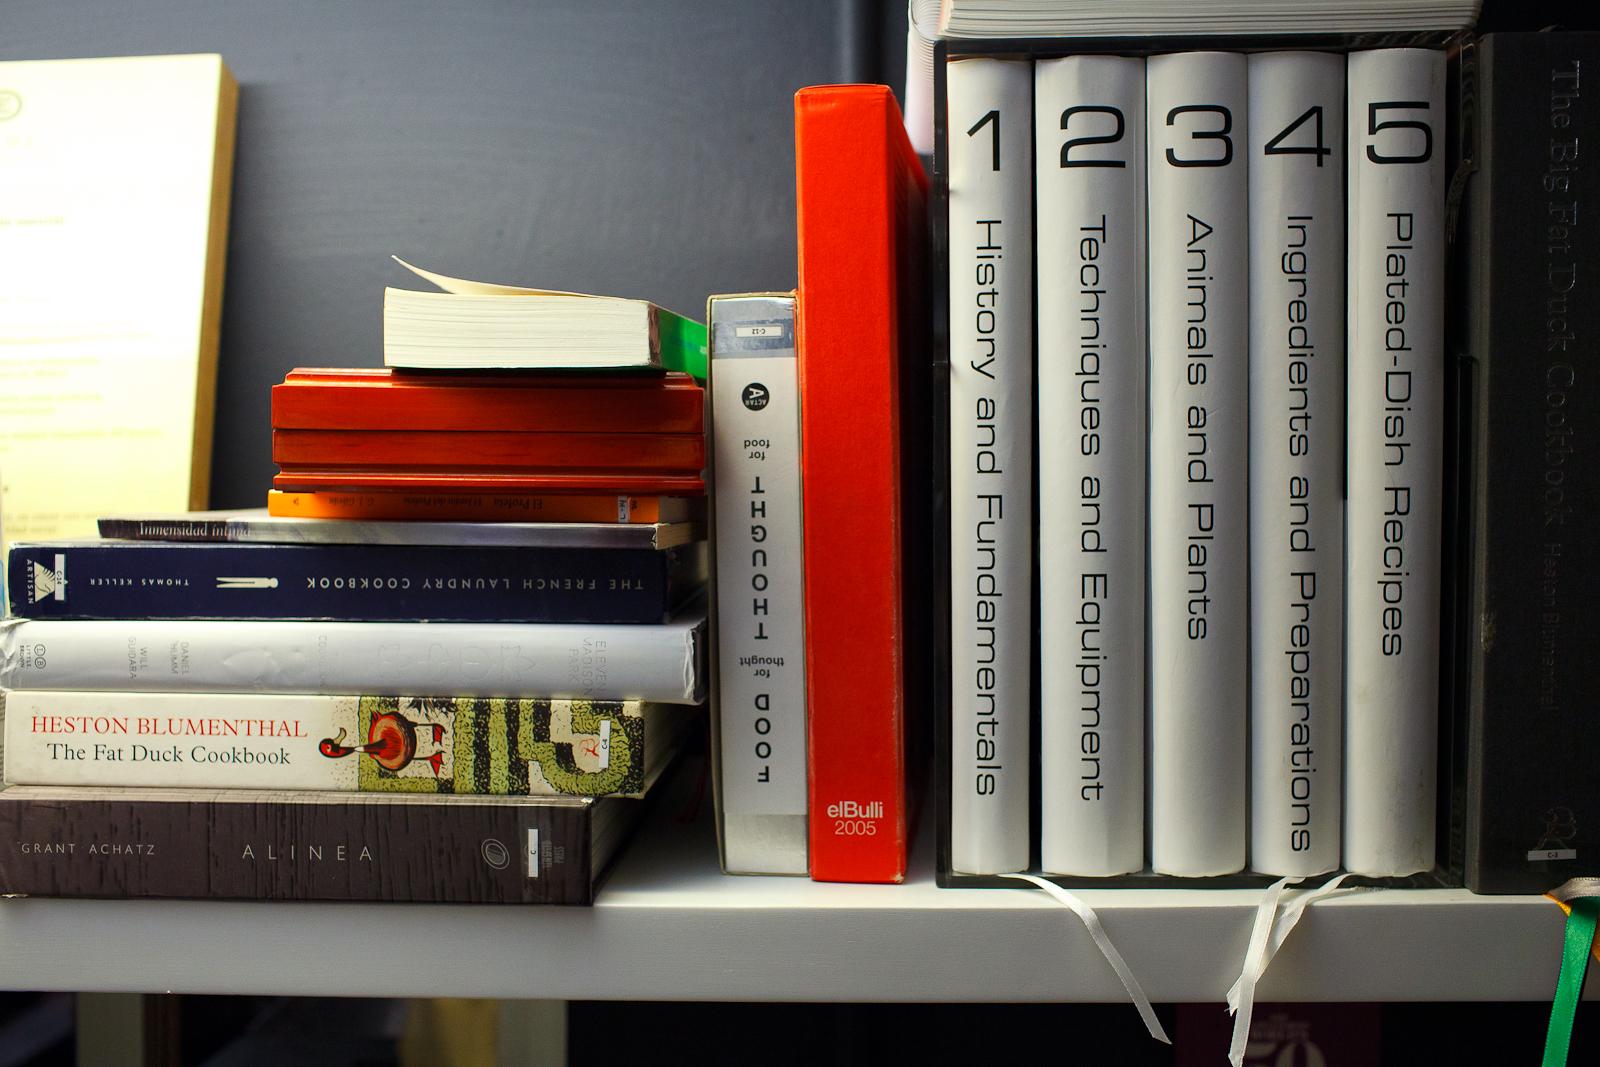 Chef Olvera's Bookshelf